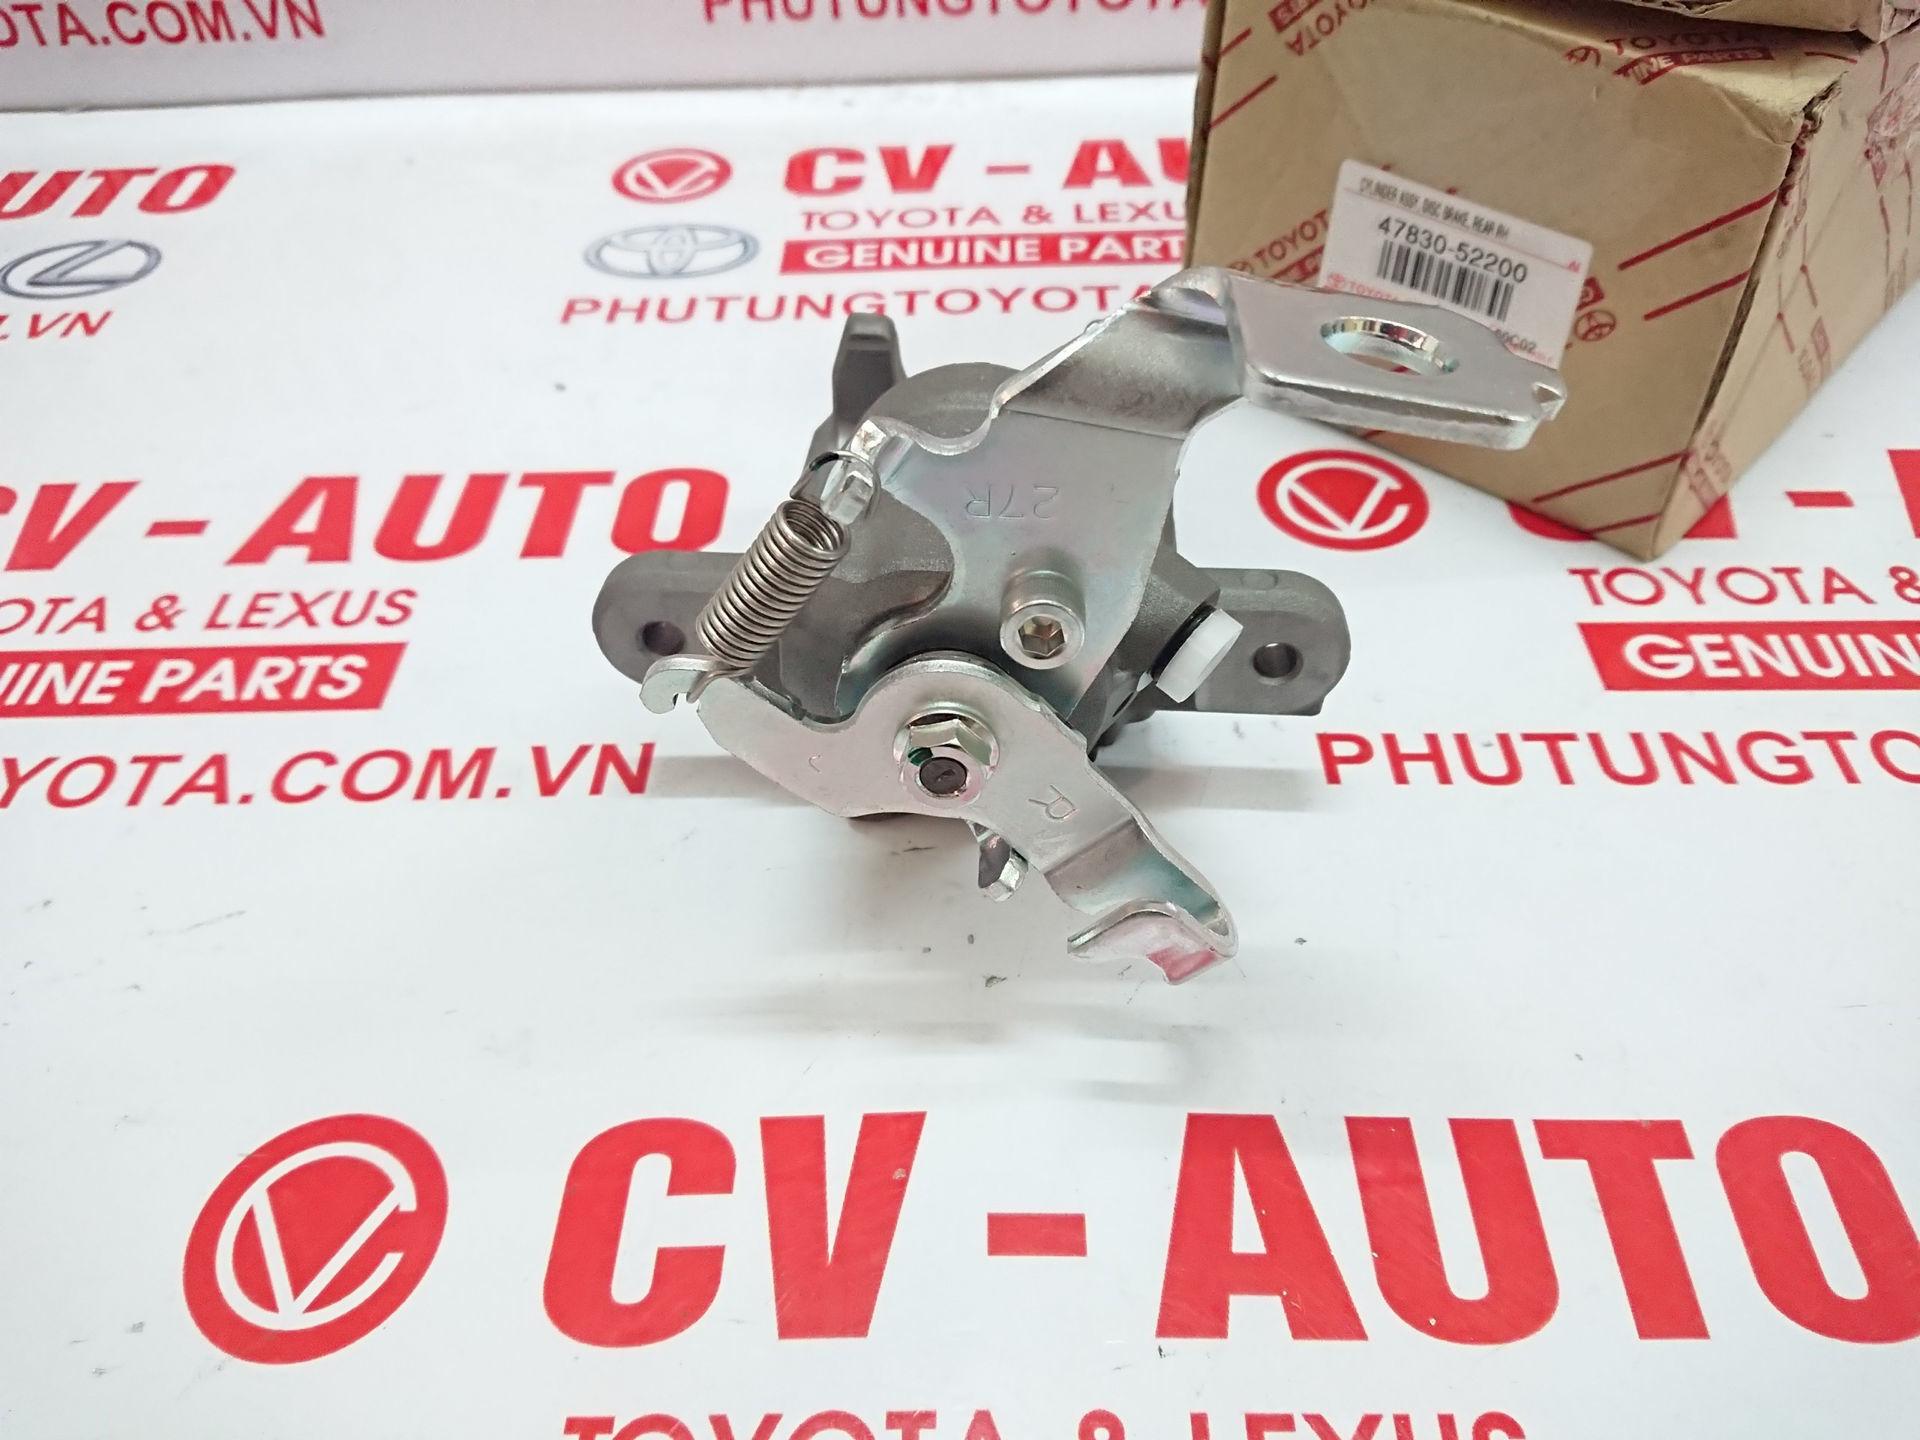 Picture of 47830-52200 Cụm phanh Toyota Vios 2014-2019 hàng chính hãng